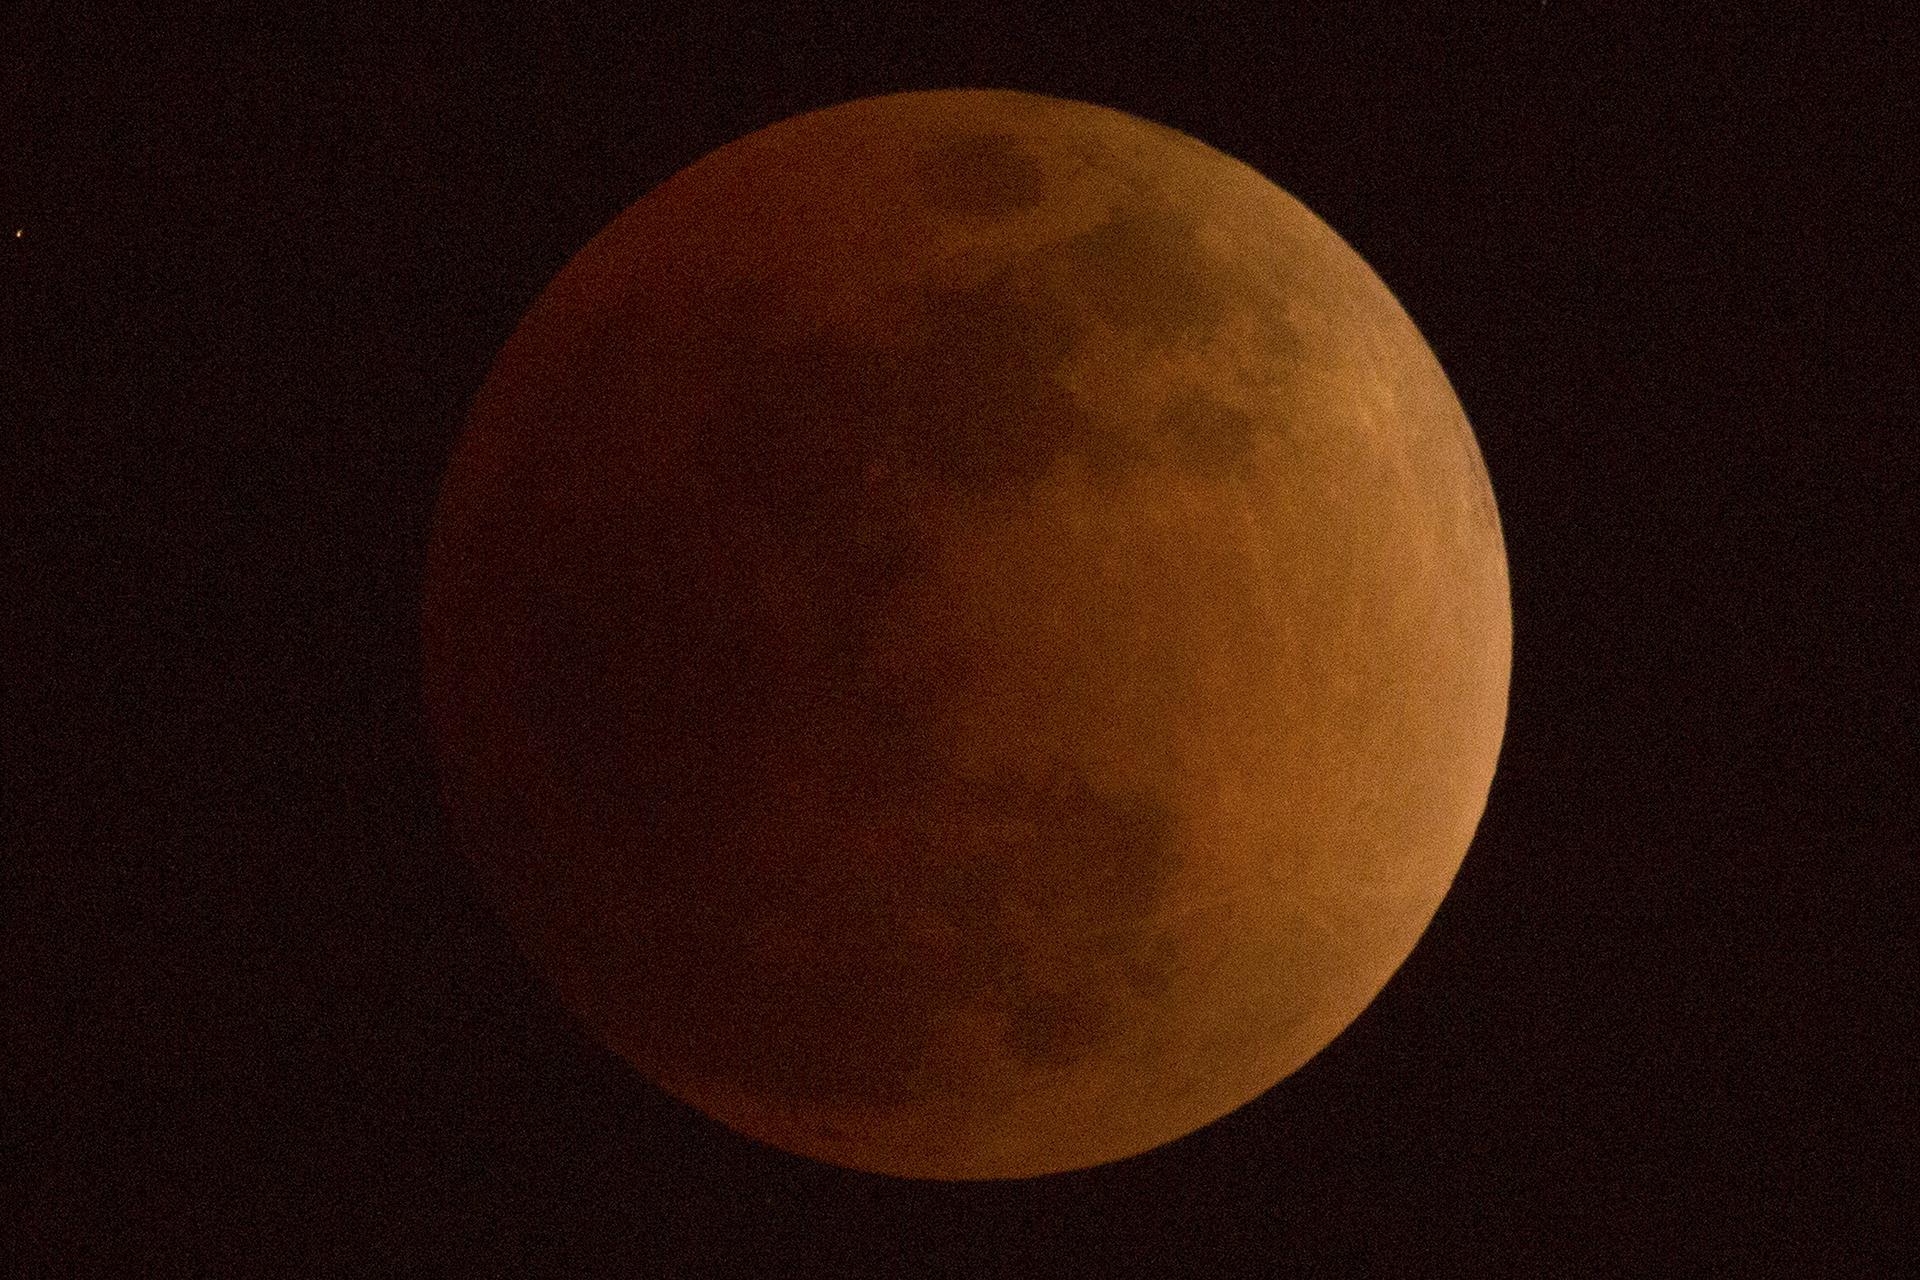 La luna se vuelve de color rojizo cuando pasó a través de la sombra de la tierra durante un eclipse lunar visto en Beijing, China, el miércoles 31 de enero de 2018